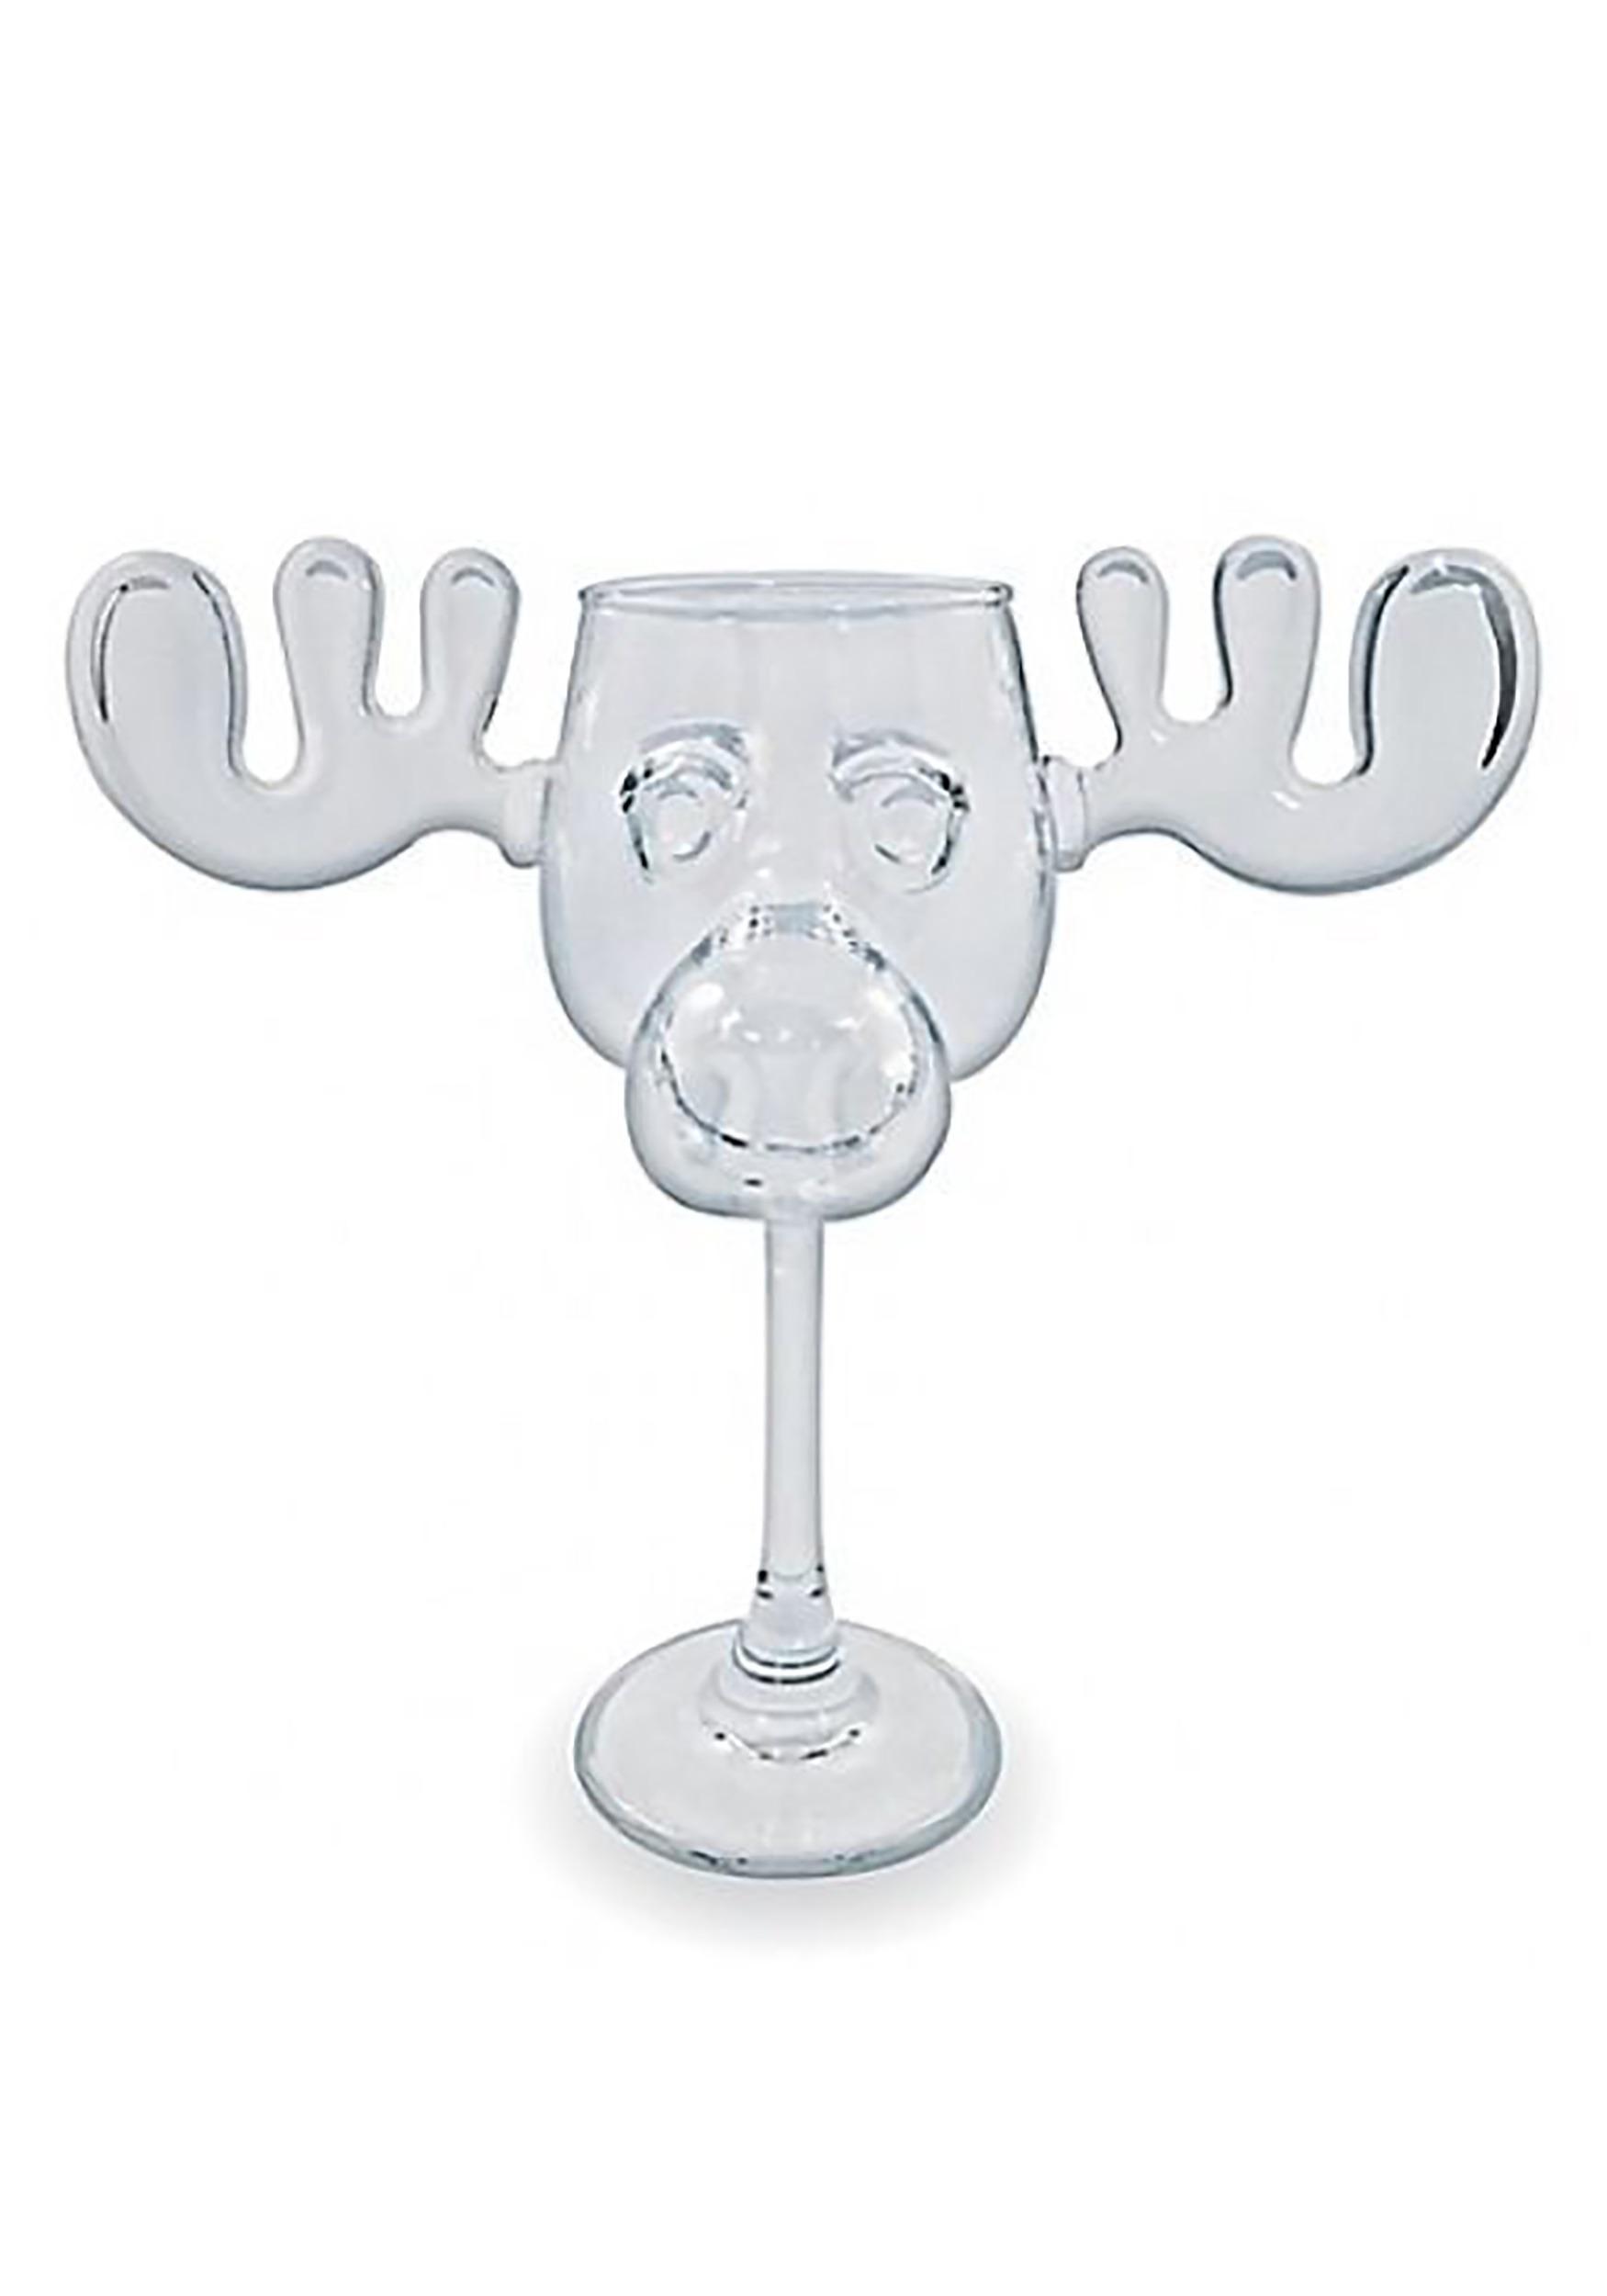 christmas vacation moose mug wine glass1 - Moose Mugs Christmas Vacation